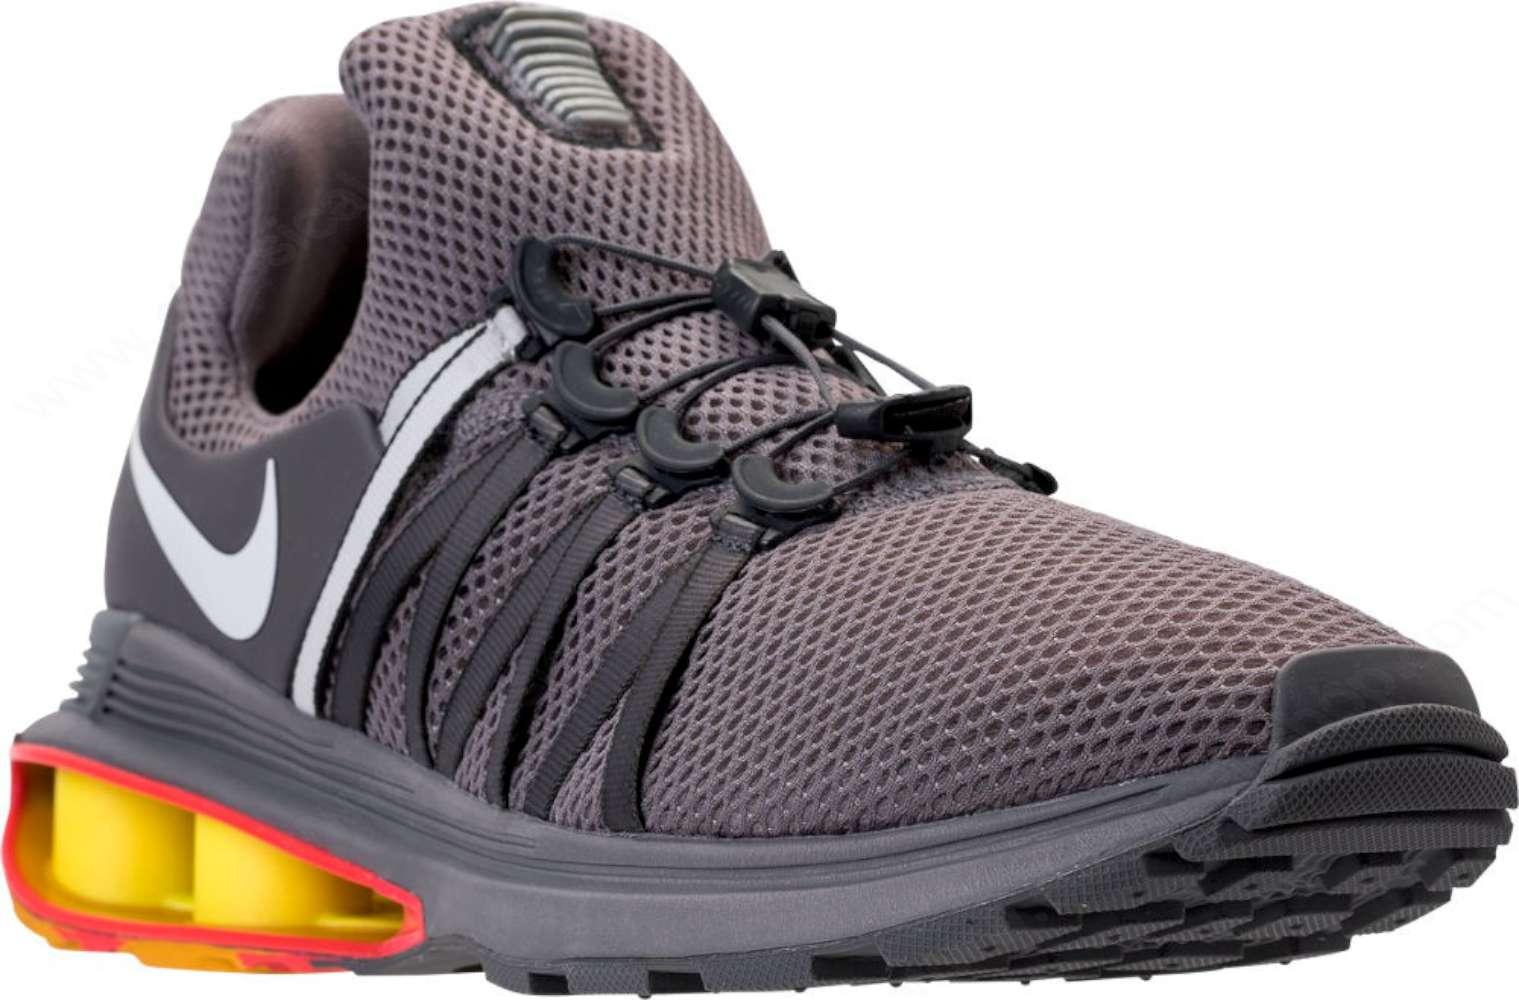 Nike Mens Shox Gravity Fabric Low Top